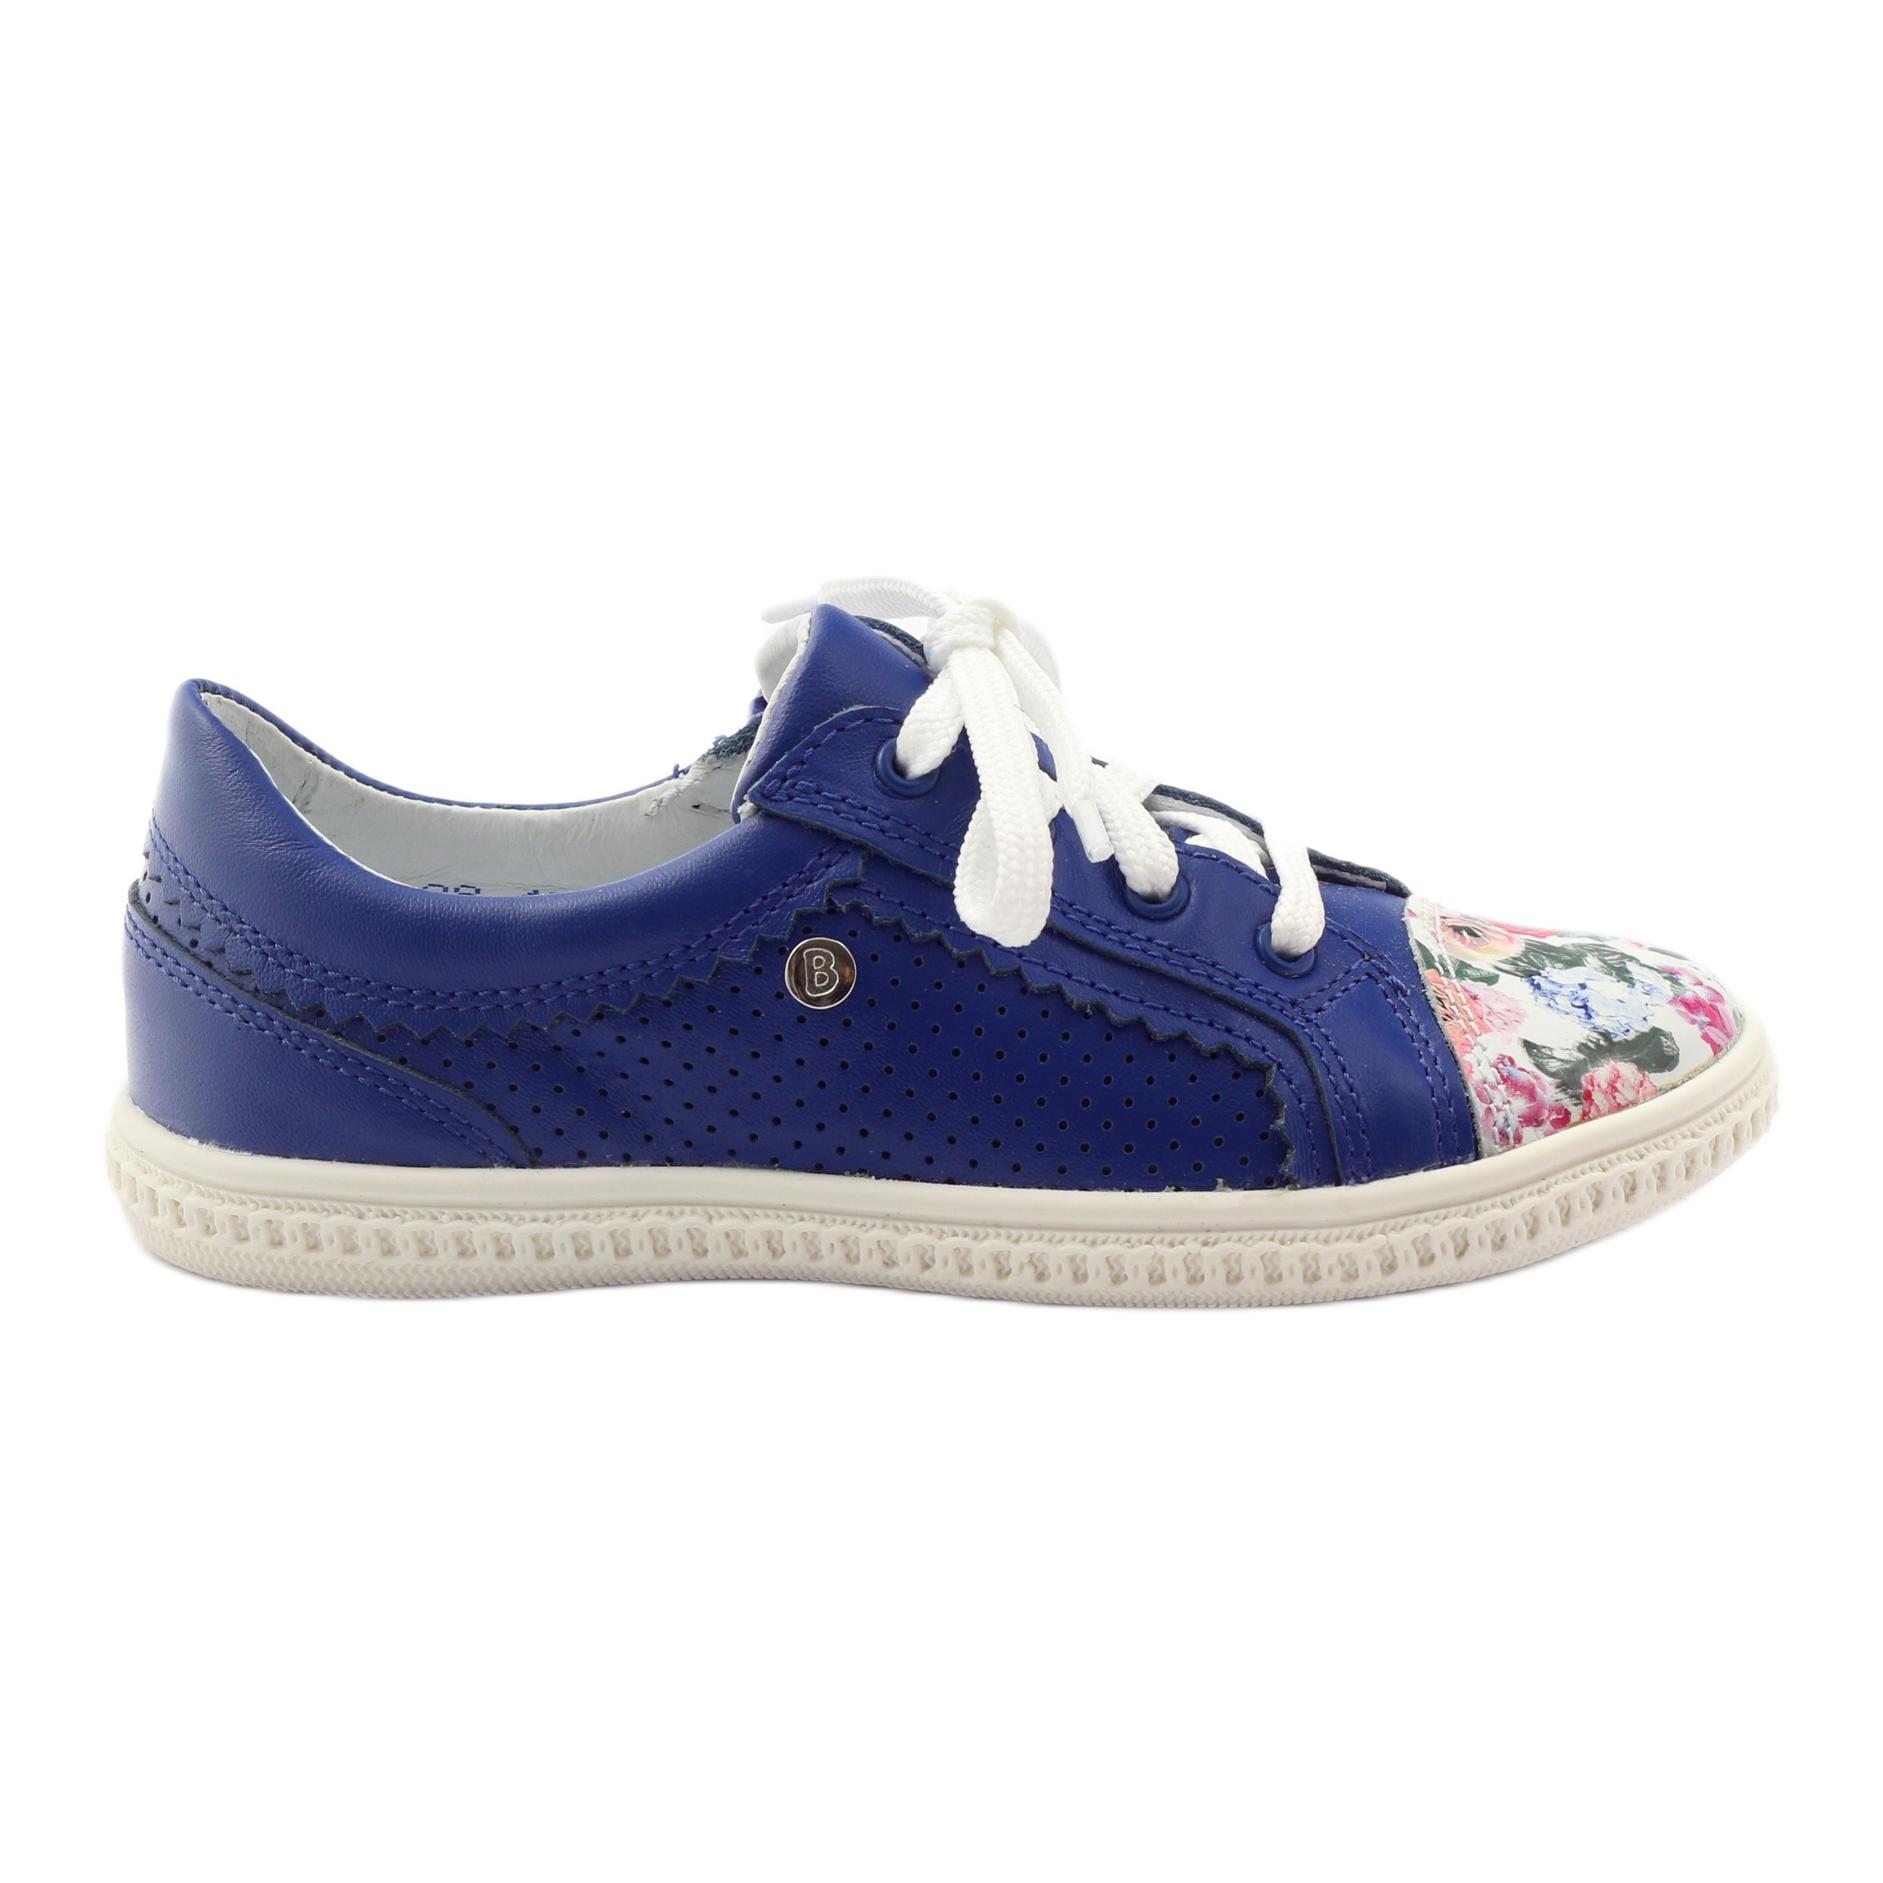 Scarpe-basse-per-bambina-fiori-Bartek-15524-blu-multicolore